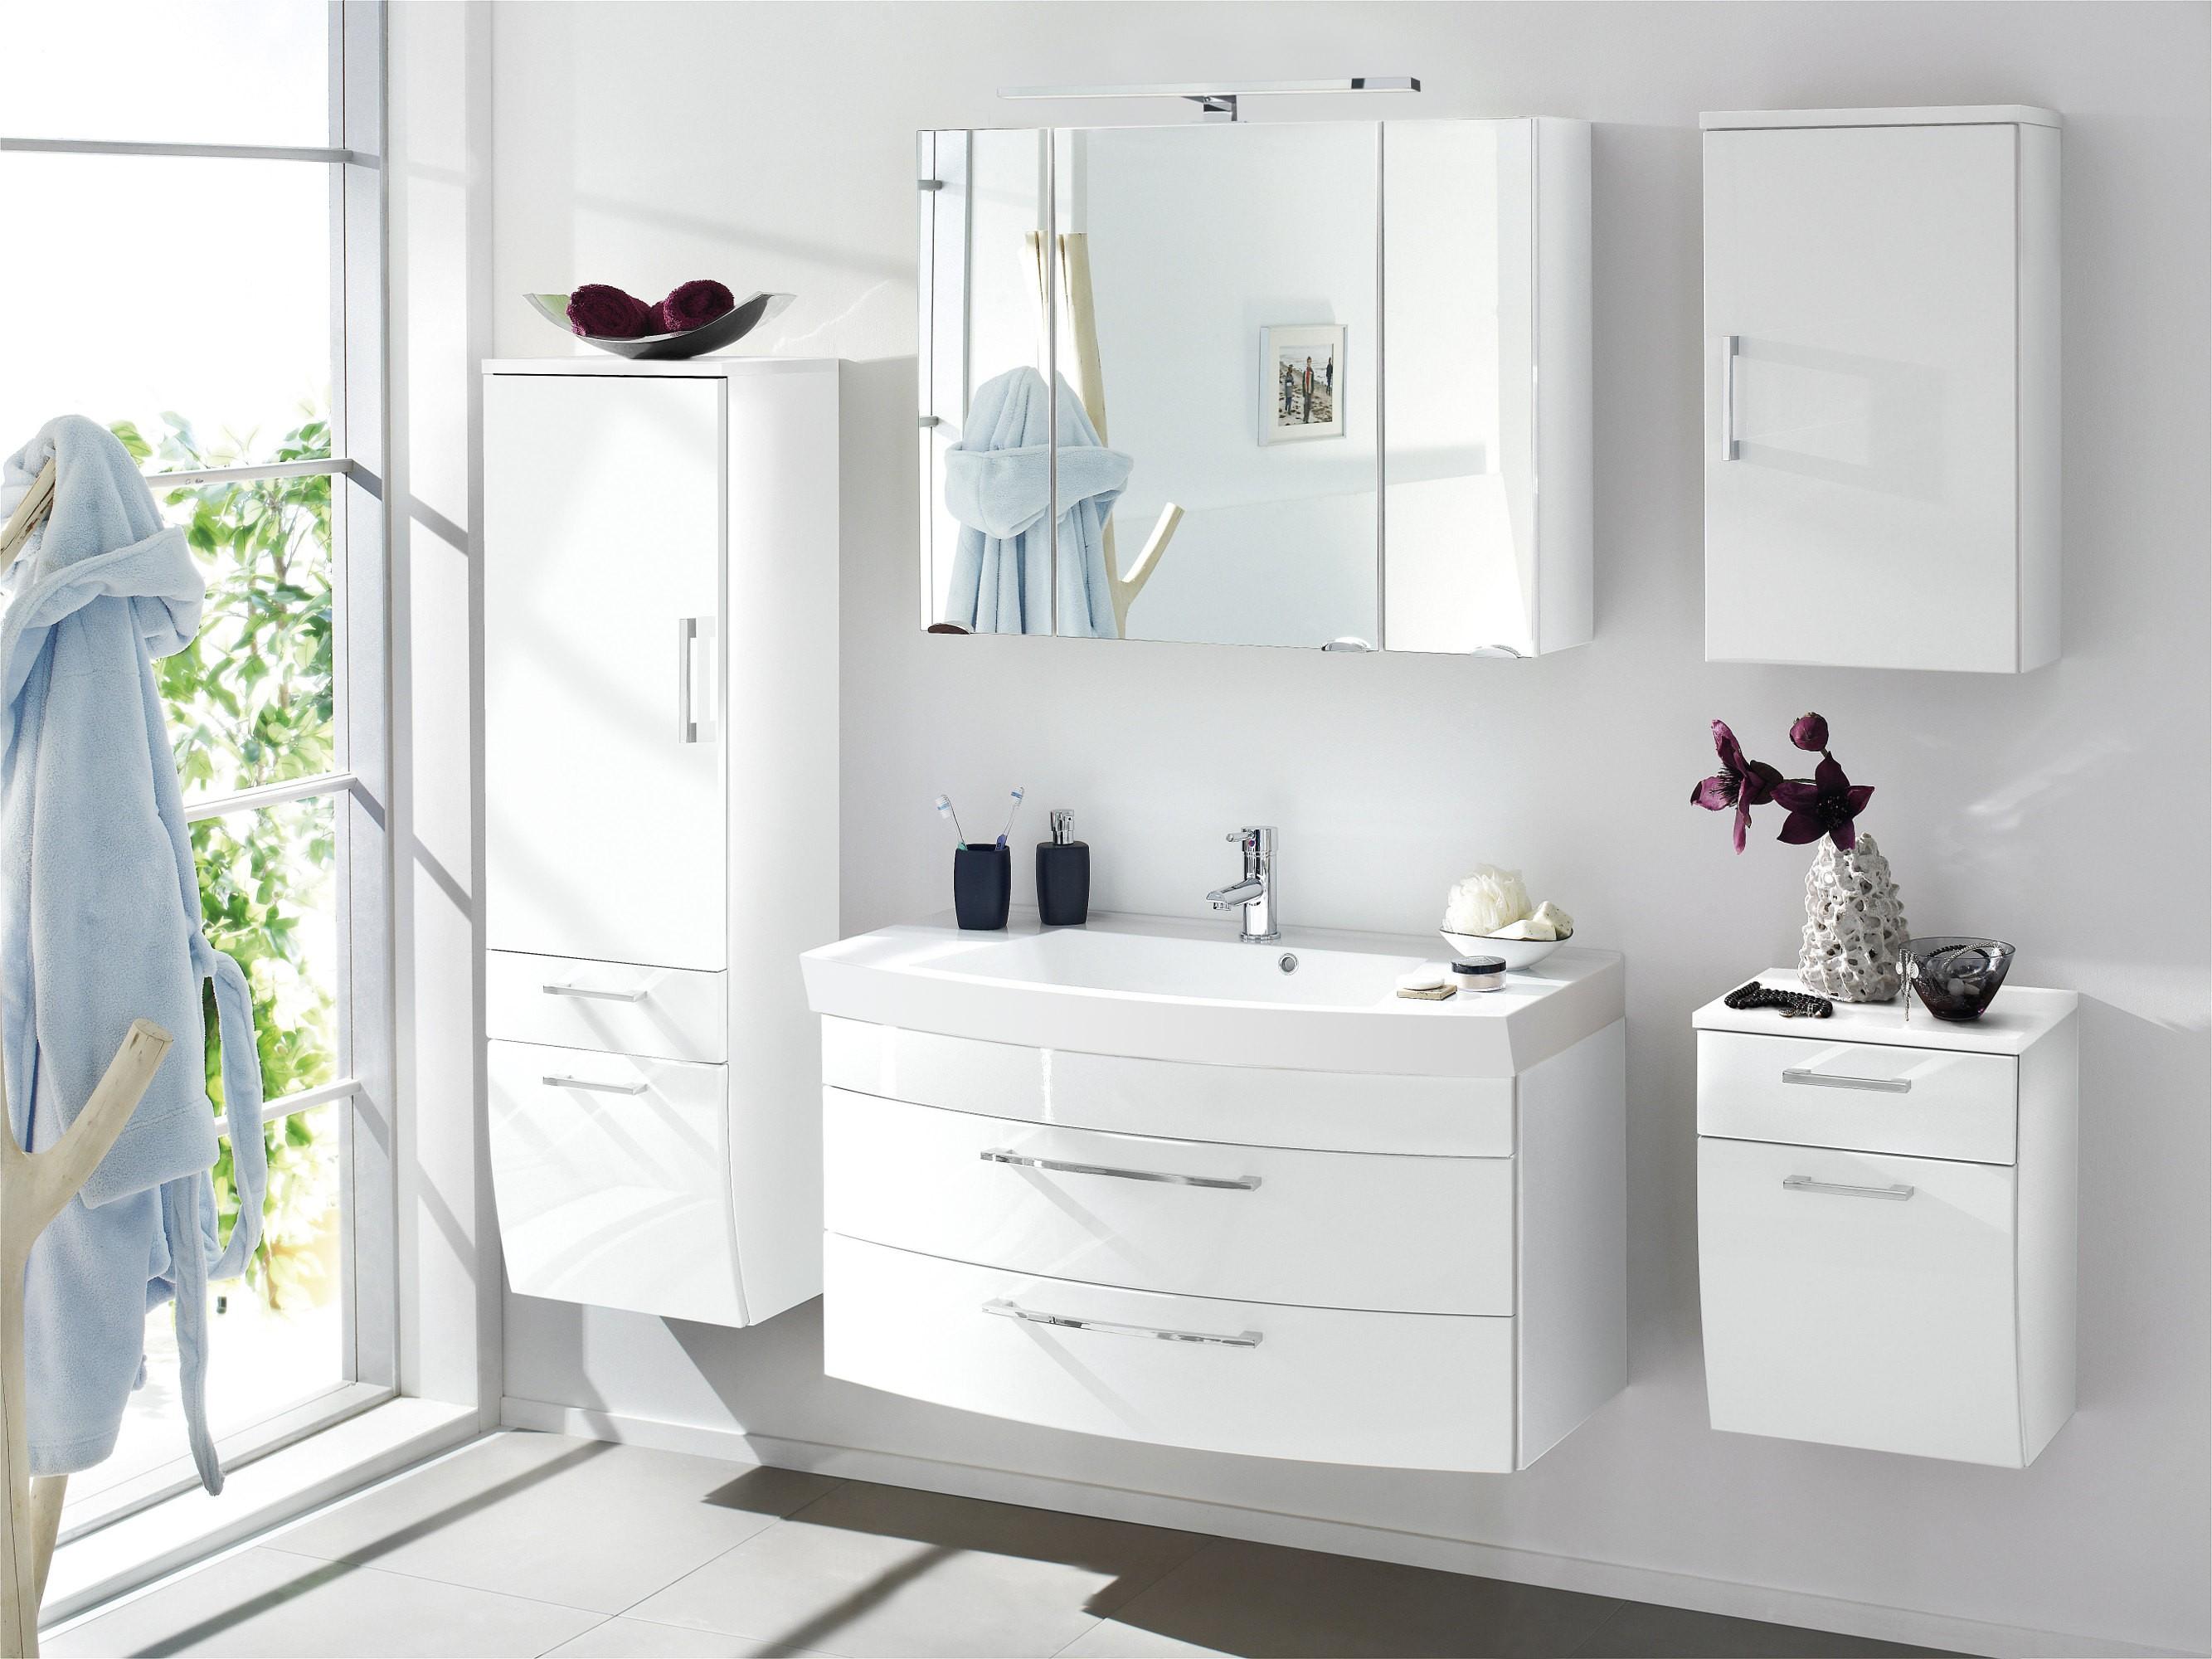 bad h ngeschrank rima 1 t rig 40 cm breit wei bad rima. Black Bedroom Furniture Sets. Home Design Ideas